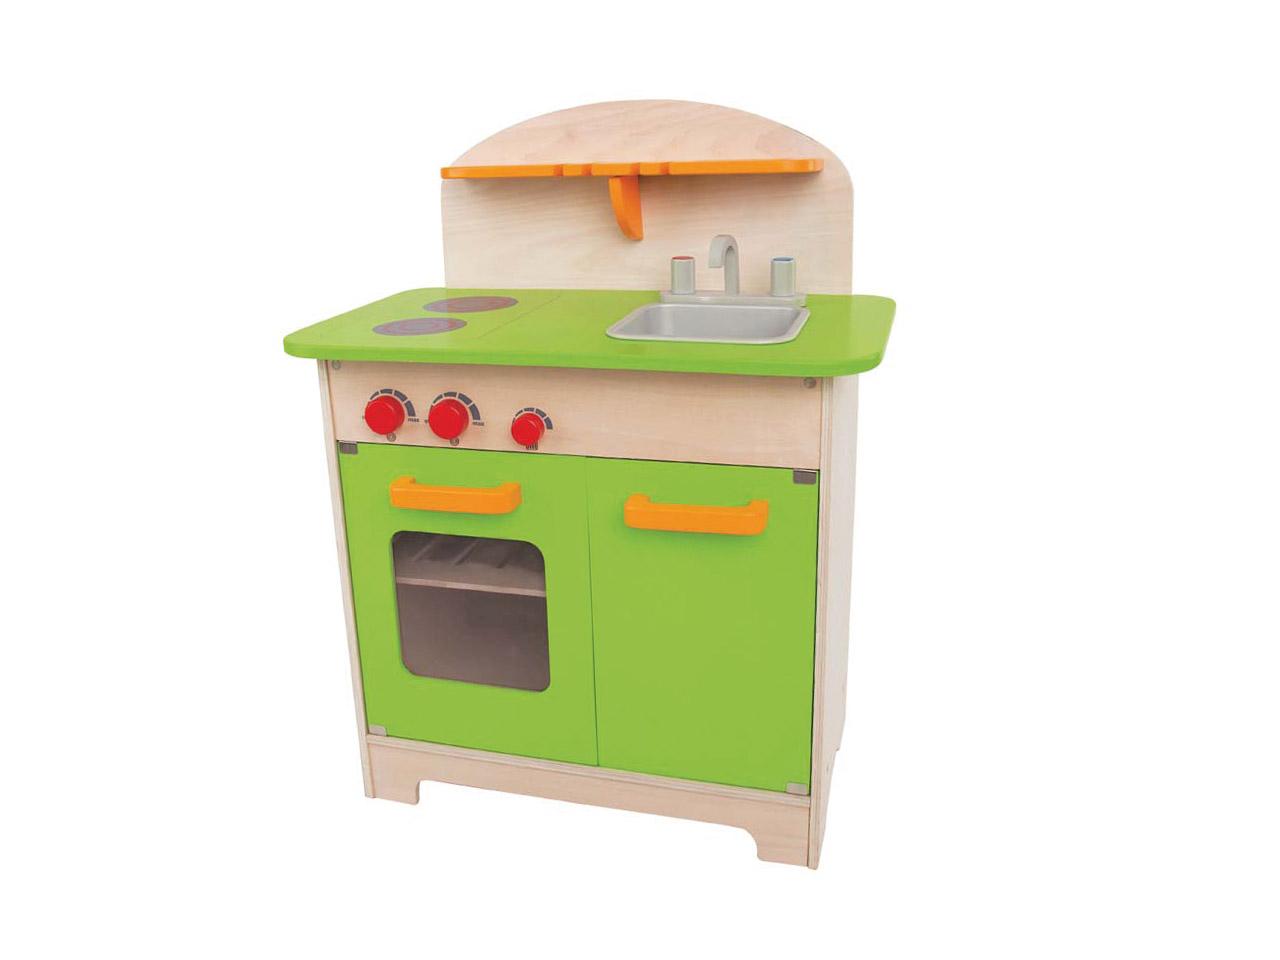 Ein Regalbrett Mit Schlitzen Zum Aufhängen Des Kochbestecks Rundet Die  Spielküche Ab. Die Küche Aus Naturholzs Spricht Alle Kinder An.